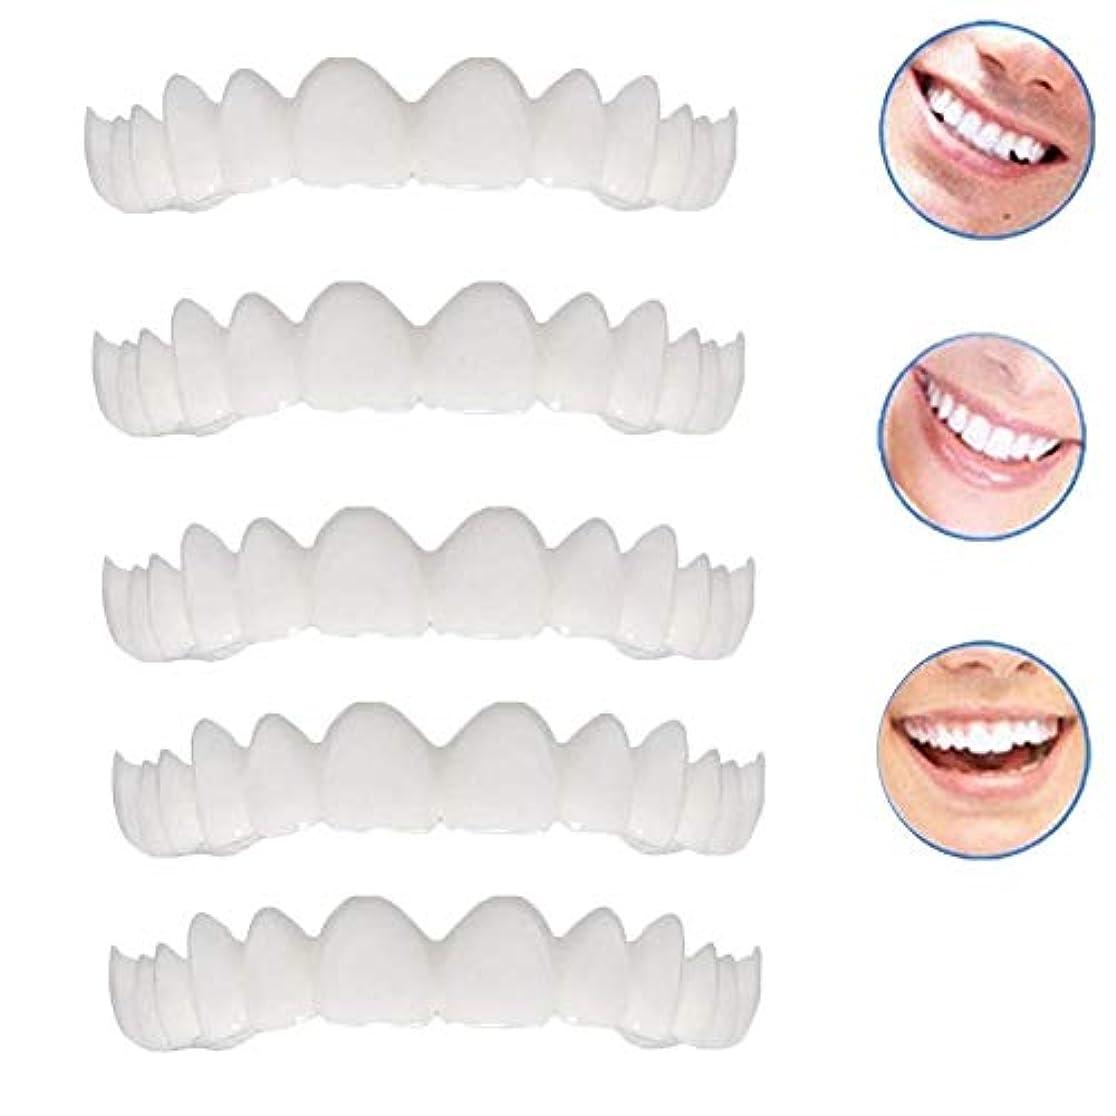 簡単にできない行く2本の偽のベニヤ修正歯のトップホワイトニング化粧品義歯修正のための悪い歯のための新しいプロの笑顔のベニヤ